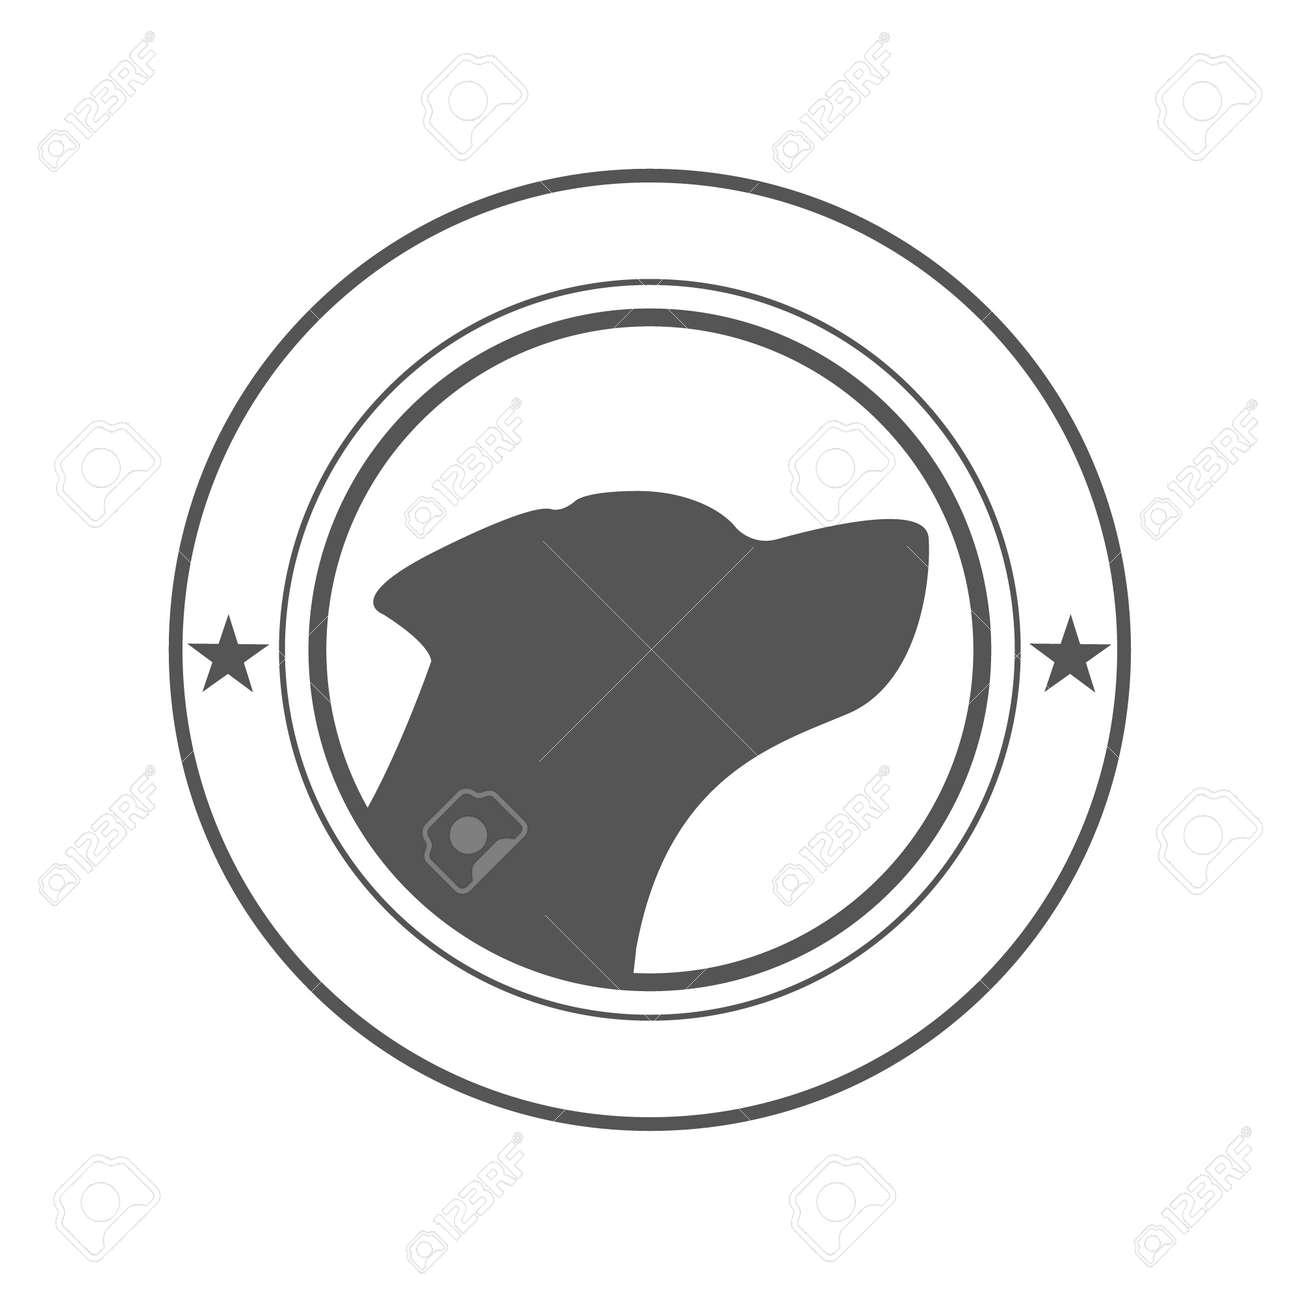 Hund Hunde Logo. Design-Vorlage Für Etiketten, Banner, Abzeichen ...